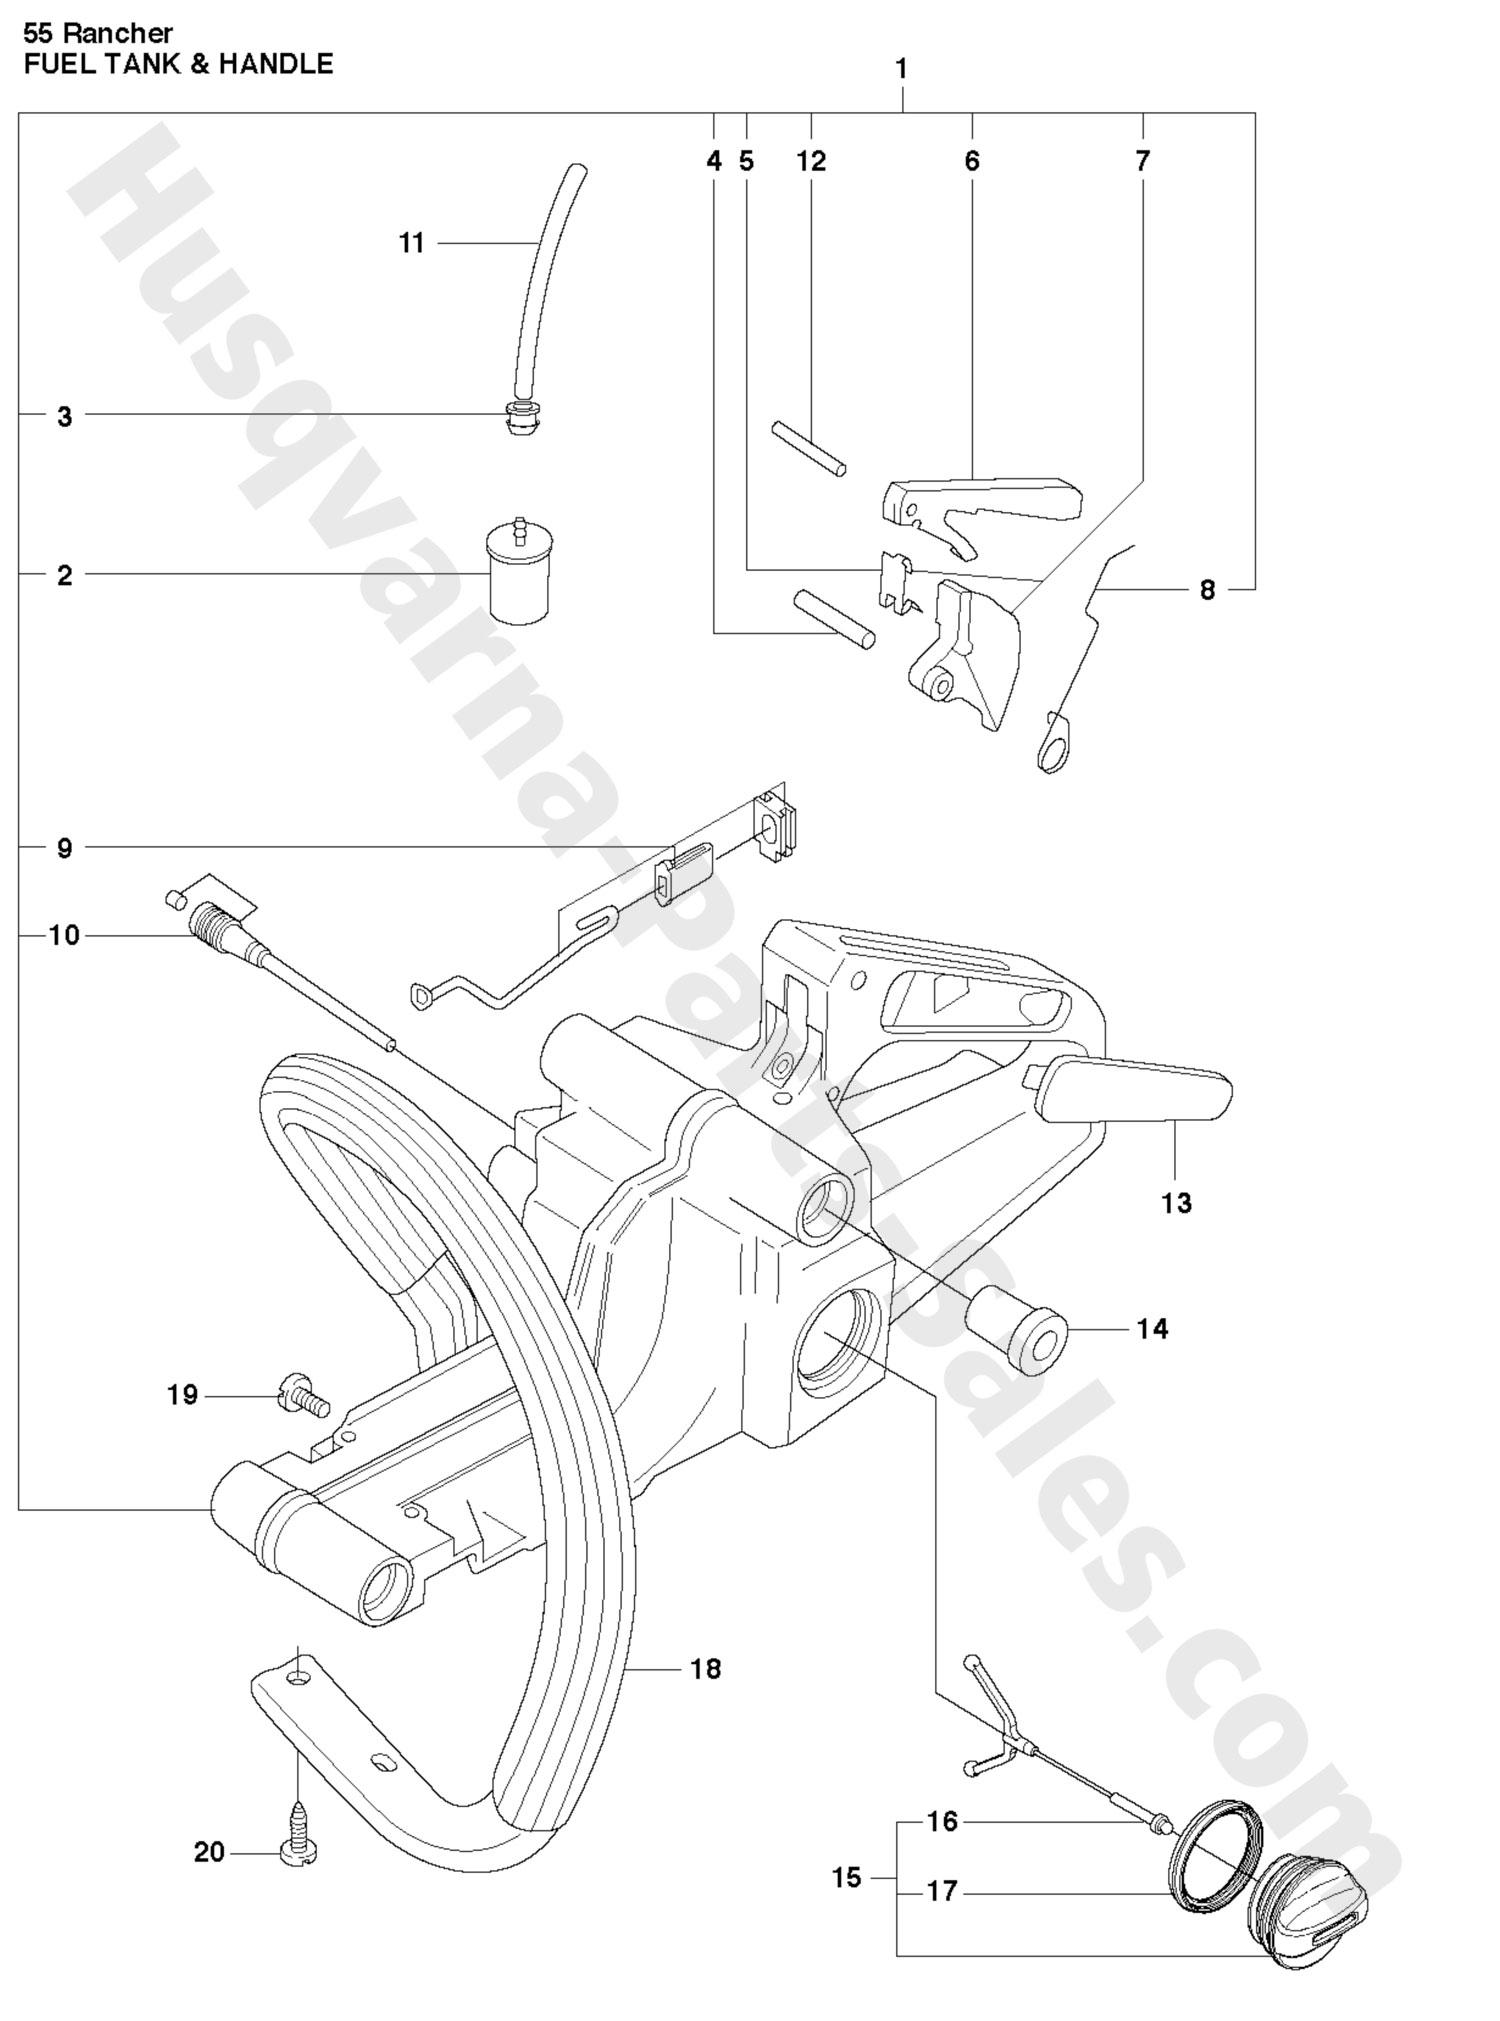 husqvarna 55 rancher parts diagram